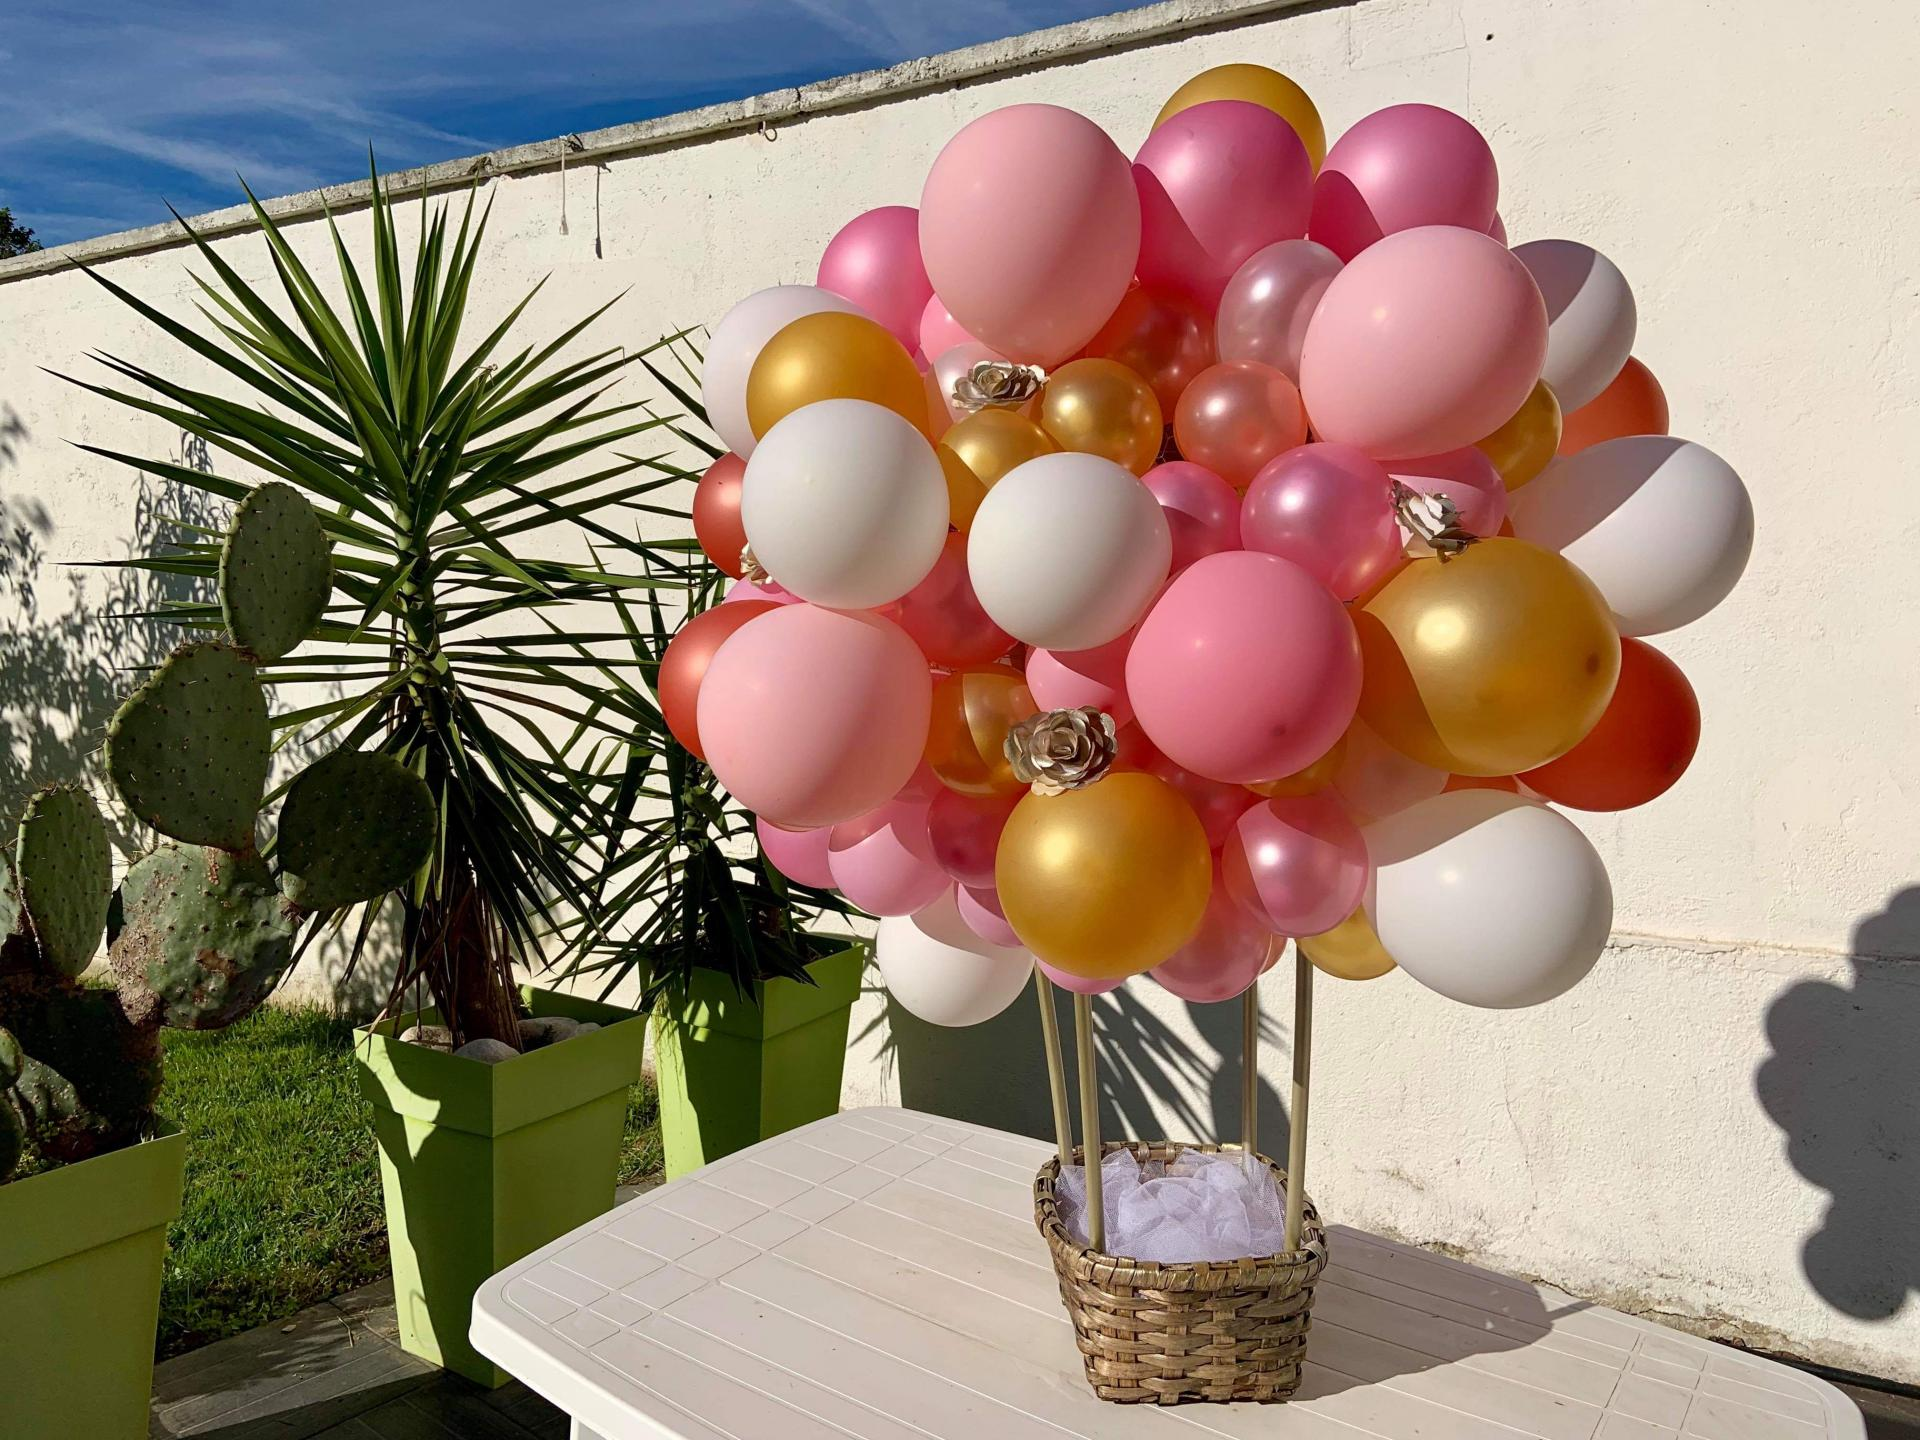 Montgolfière Ballons